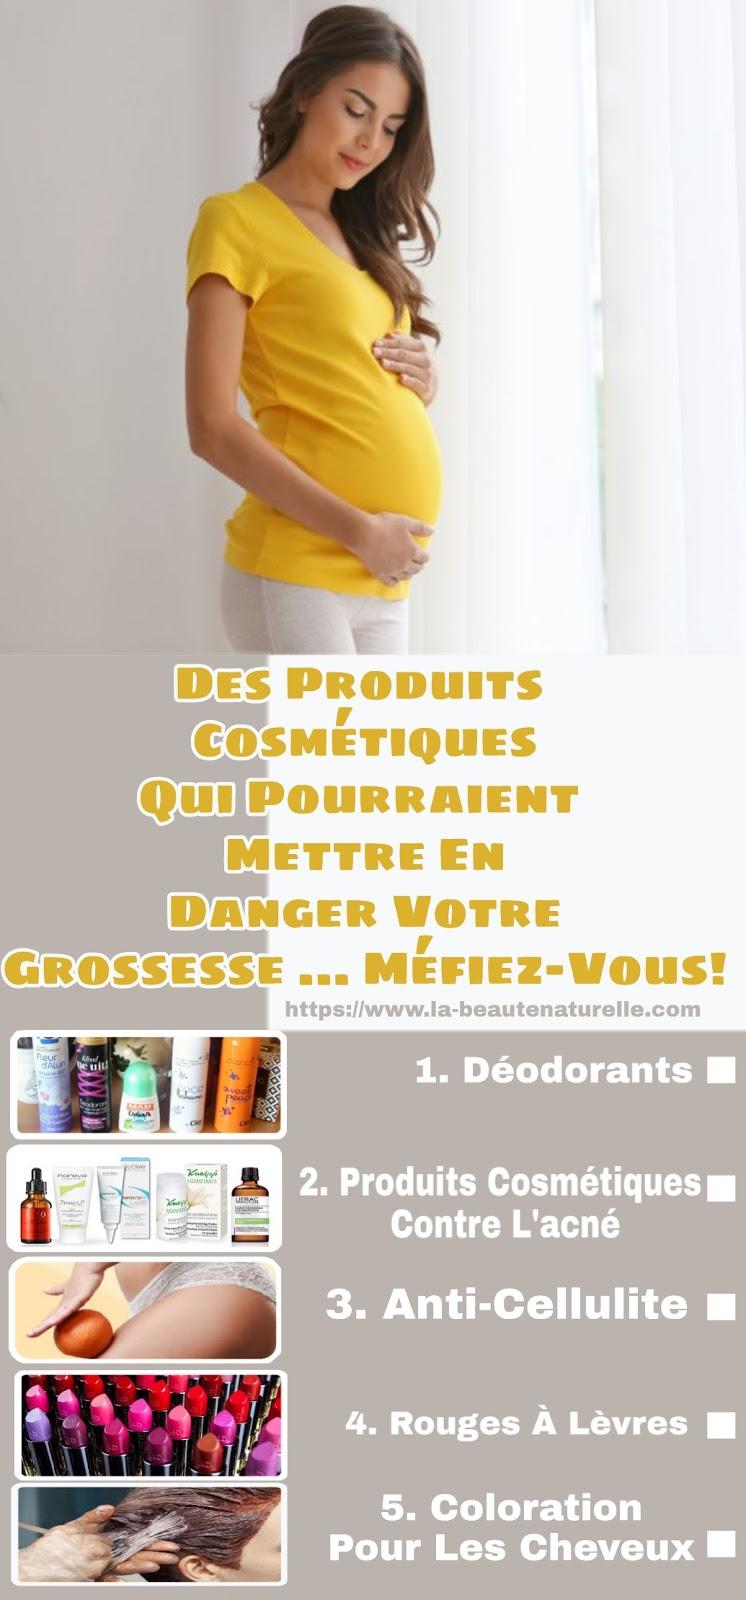 Des Produits Cosmétiques Qui Pourraient Mettre En Danger Votre Grossesse ... Méfiez-Vous!